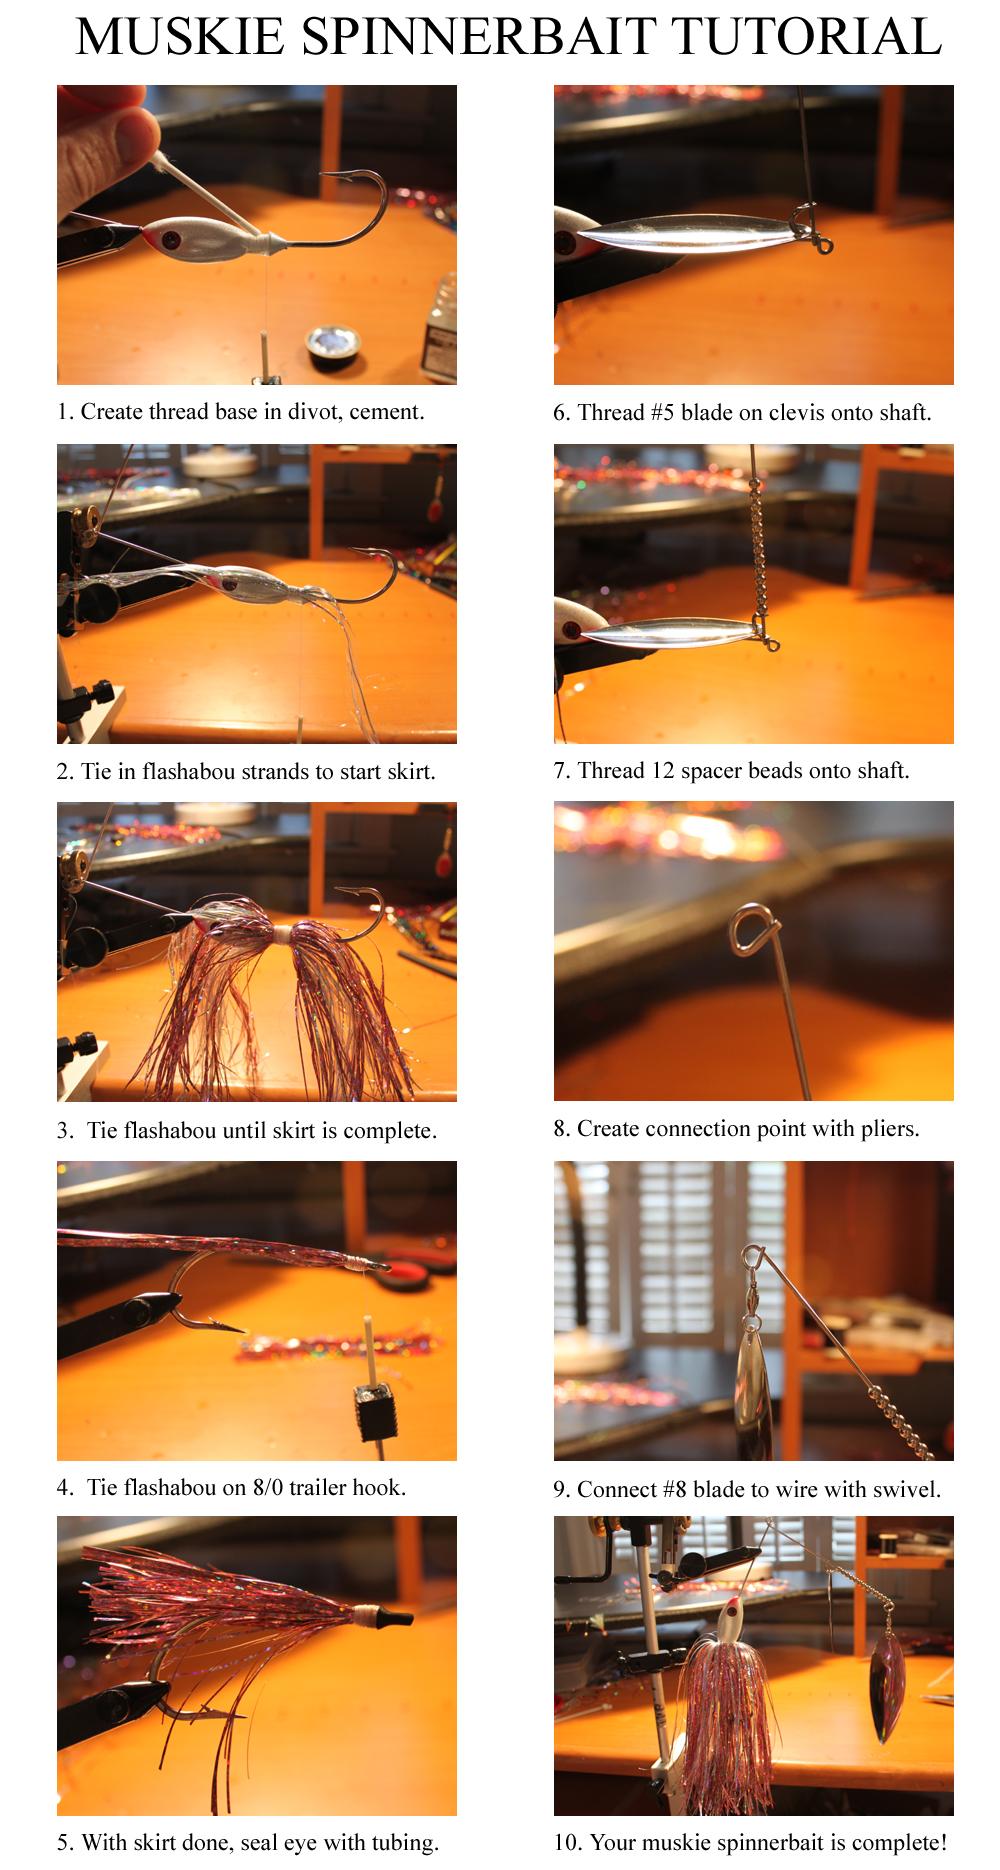 muskie spinnerbait tutorial